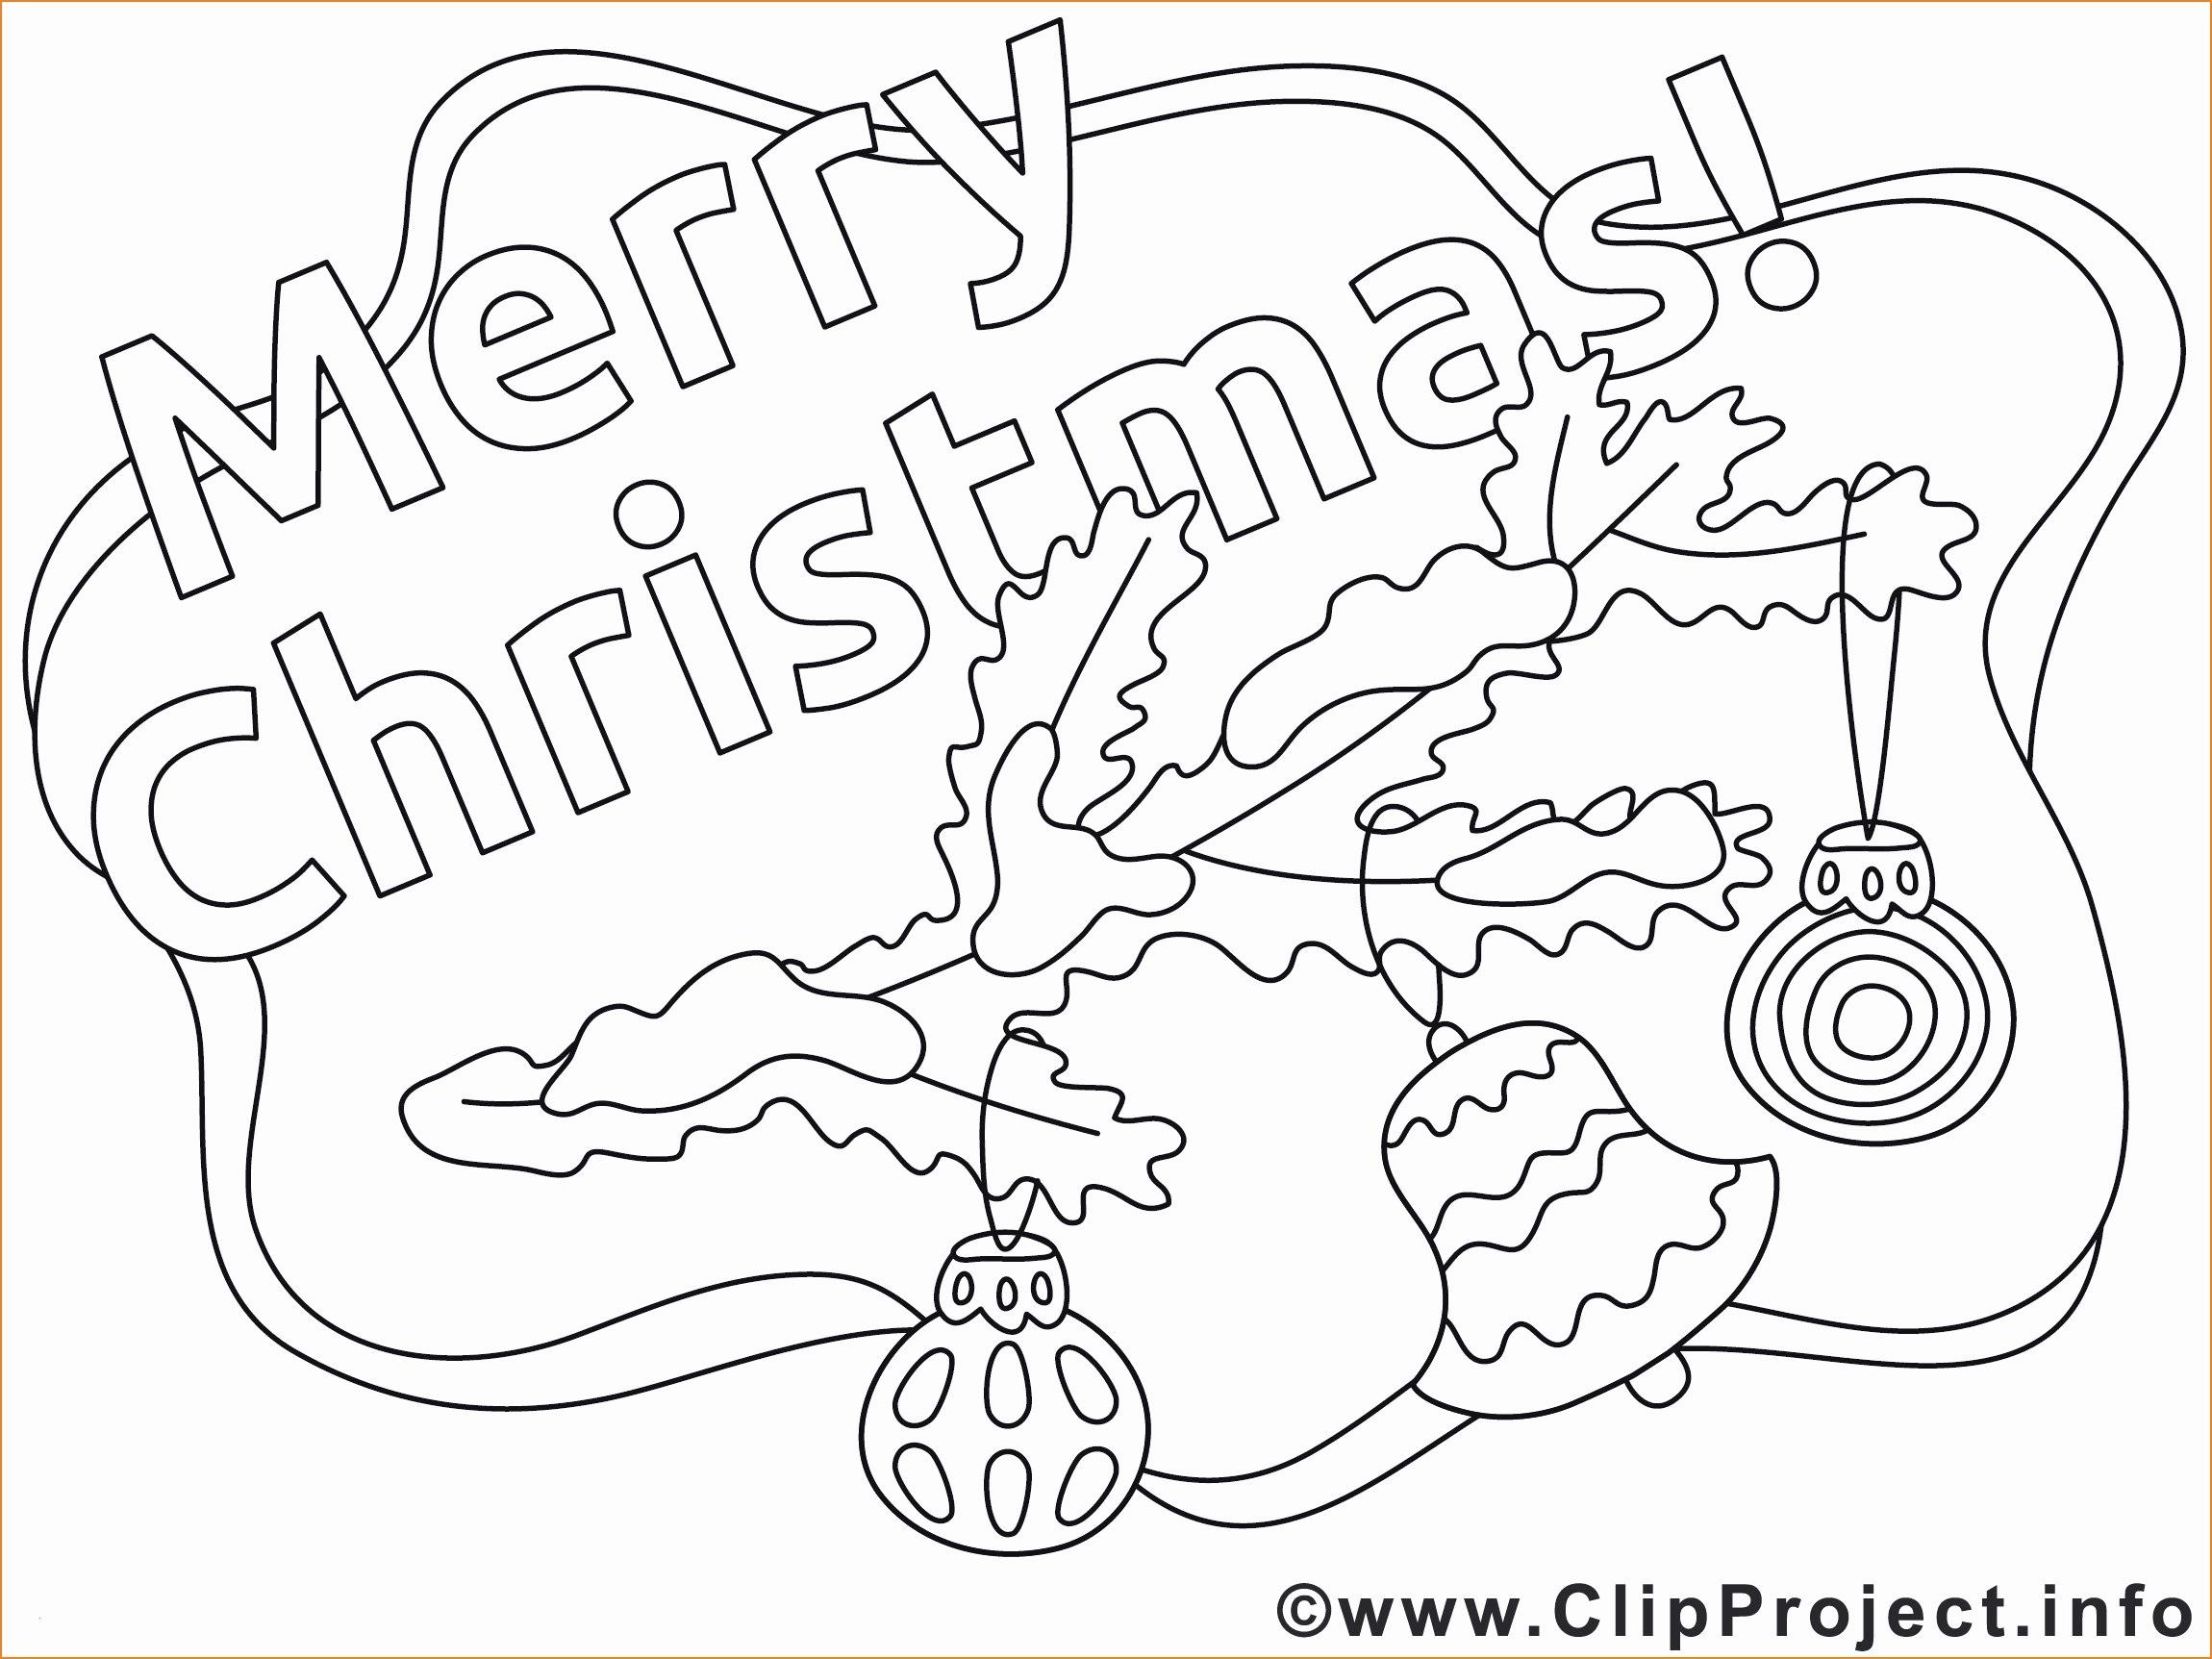 Weihnachts Ausmalbilder Kostenlos Genial Malvorlage mit Weihnachtsausmalbilder Gratis Ausdrucken